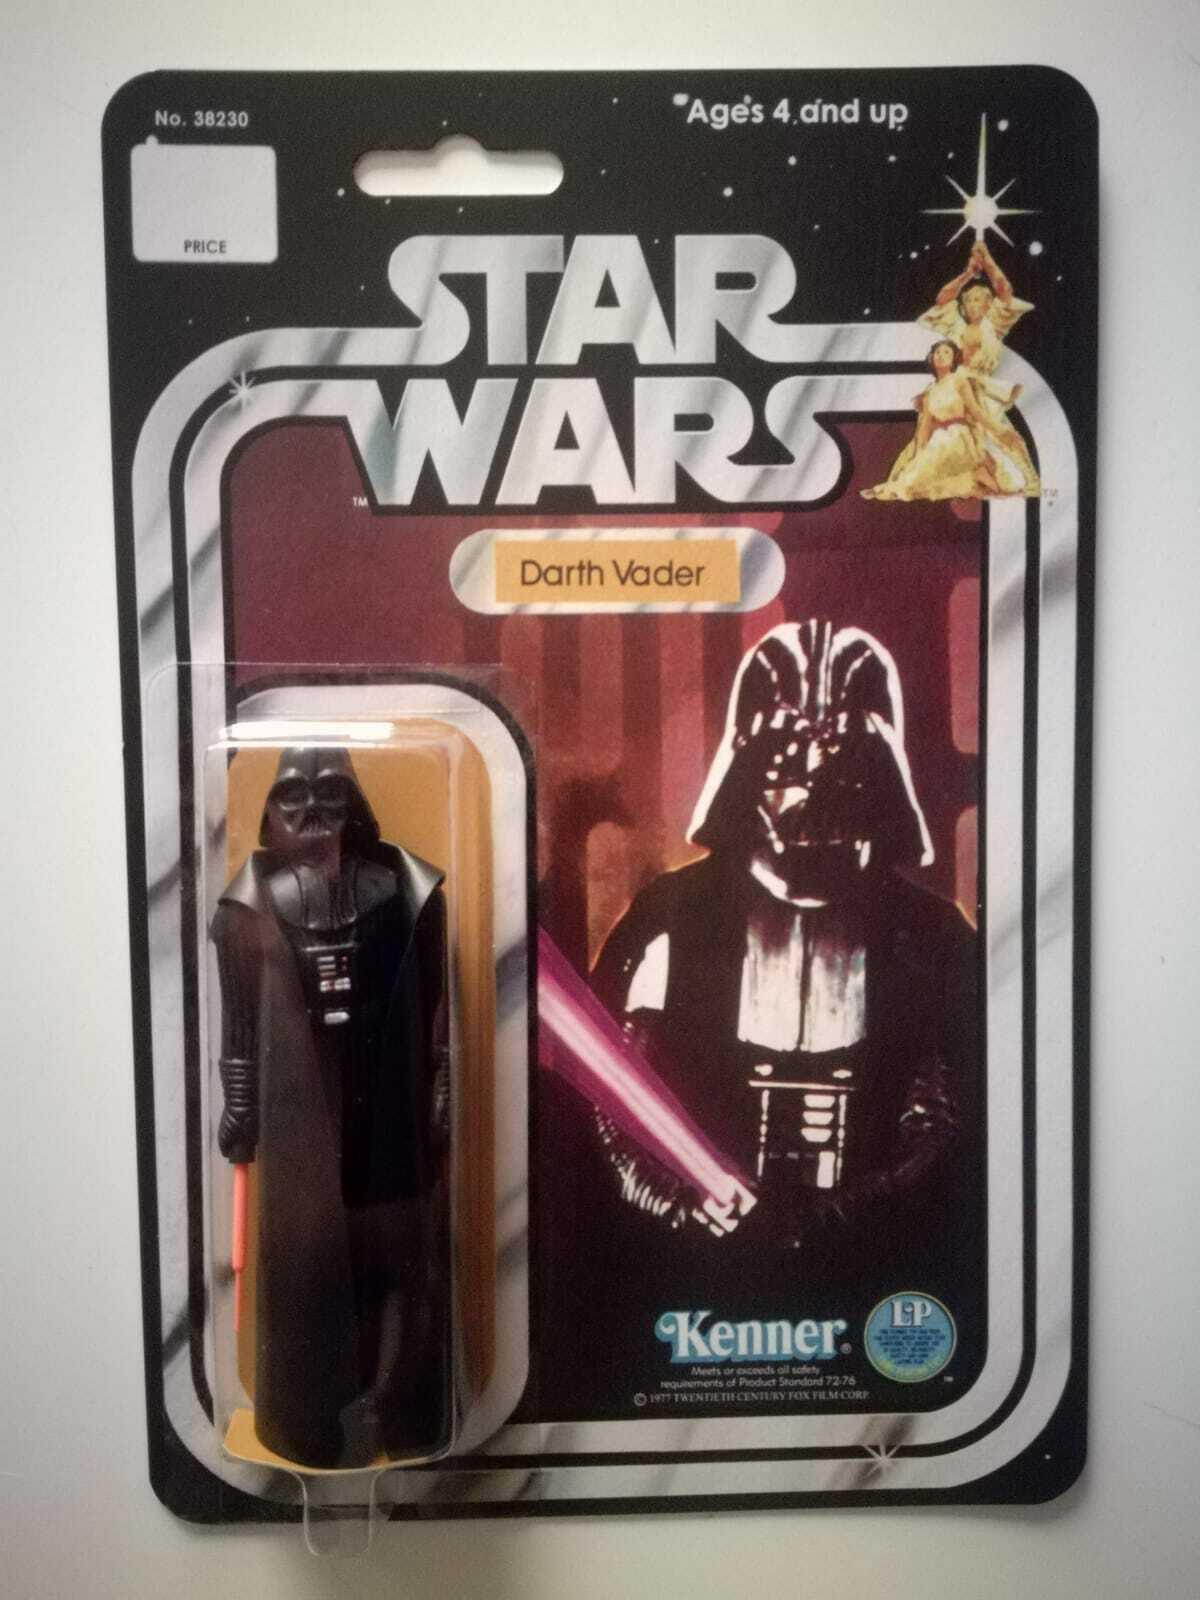 Darth Vader estrella guerras Kenner Vintage Original 1977 nuovo Reautod autodtavola